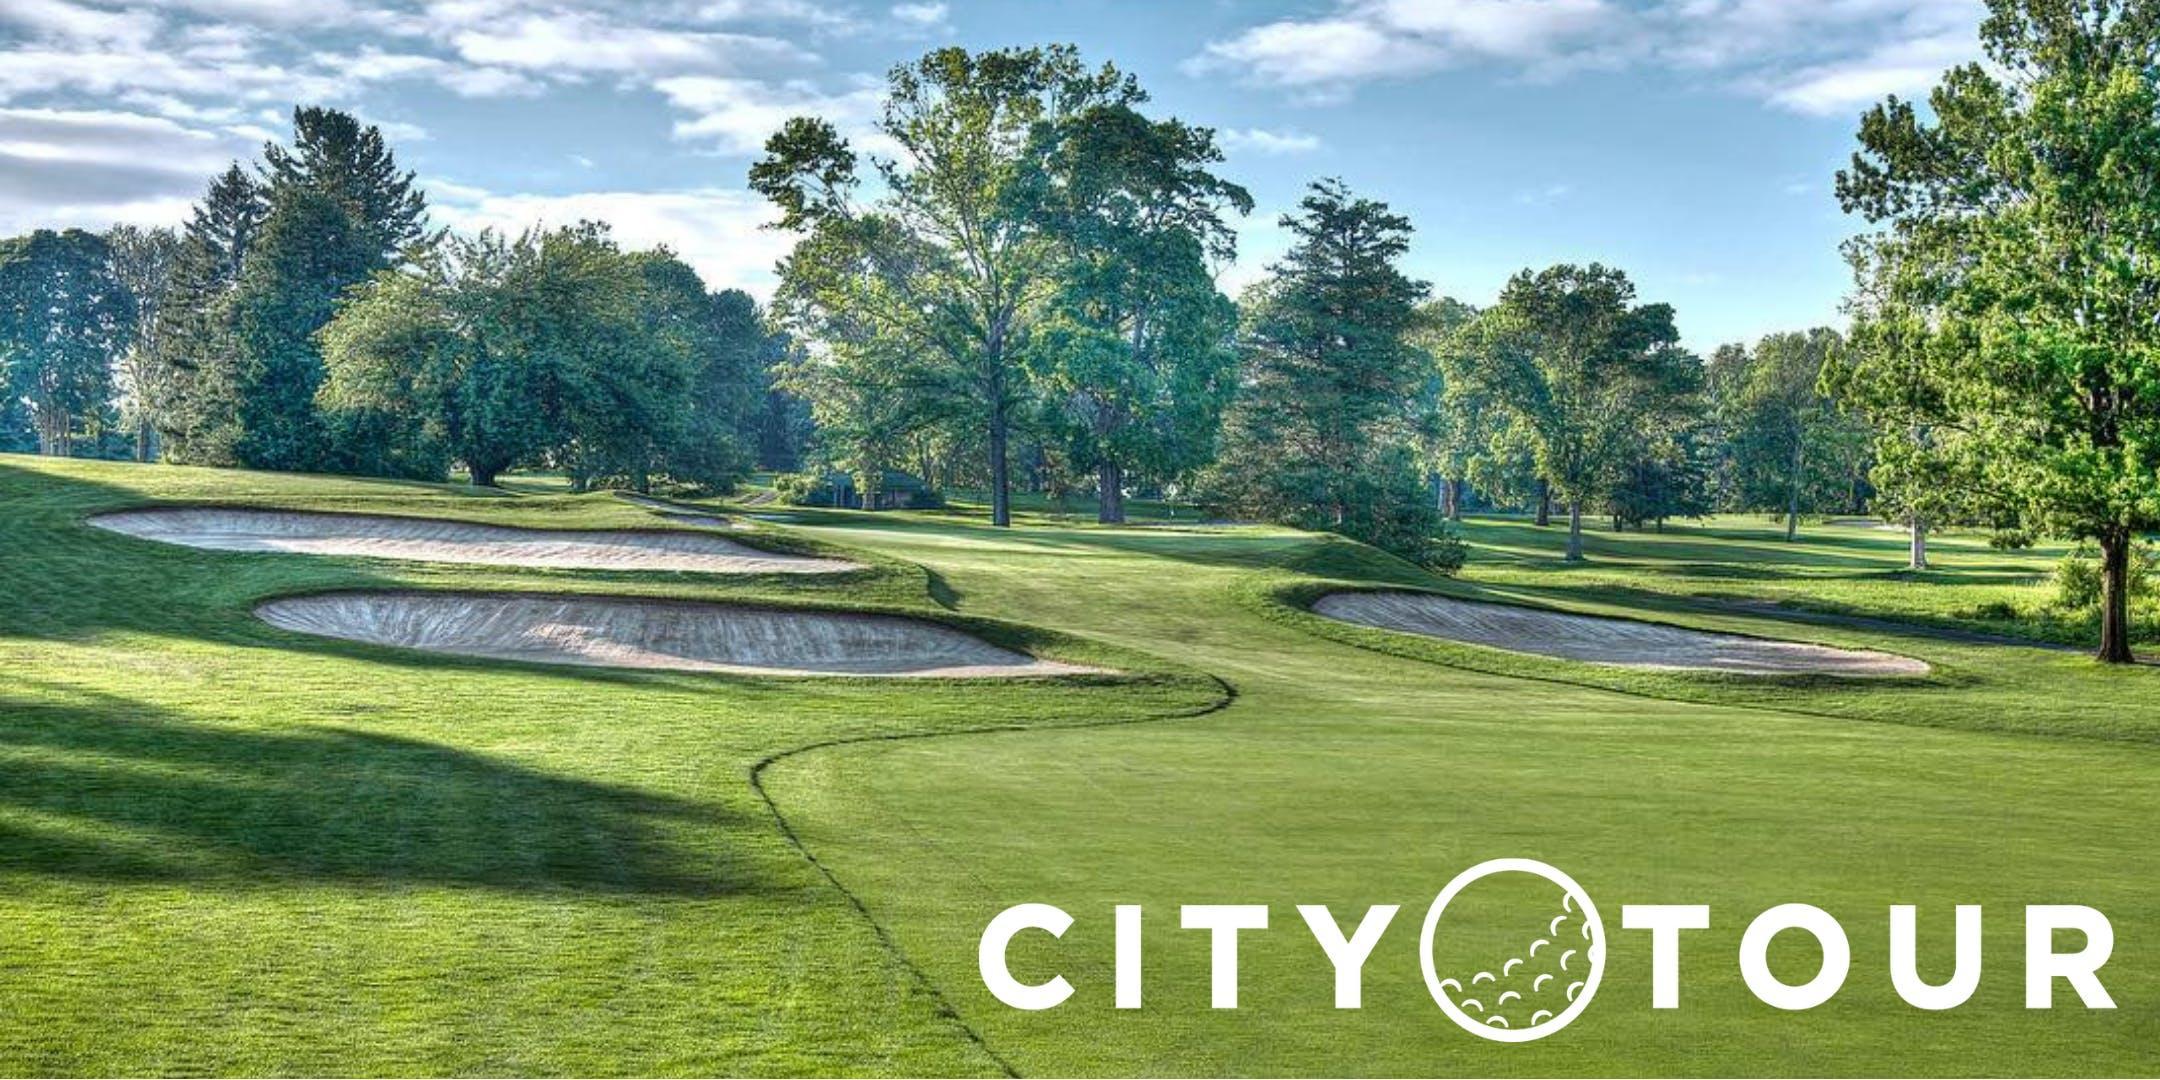 Phoenix City Tour - Troon North Golf Club - Pinnacle